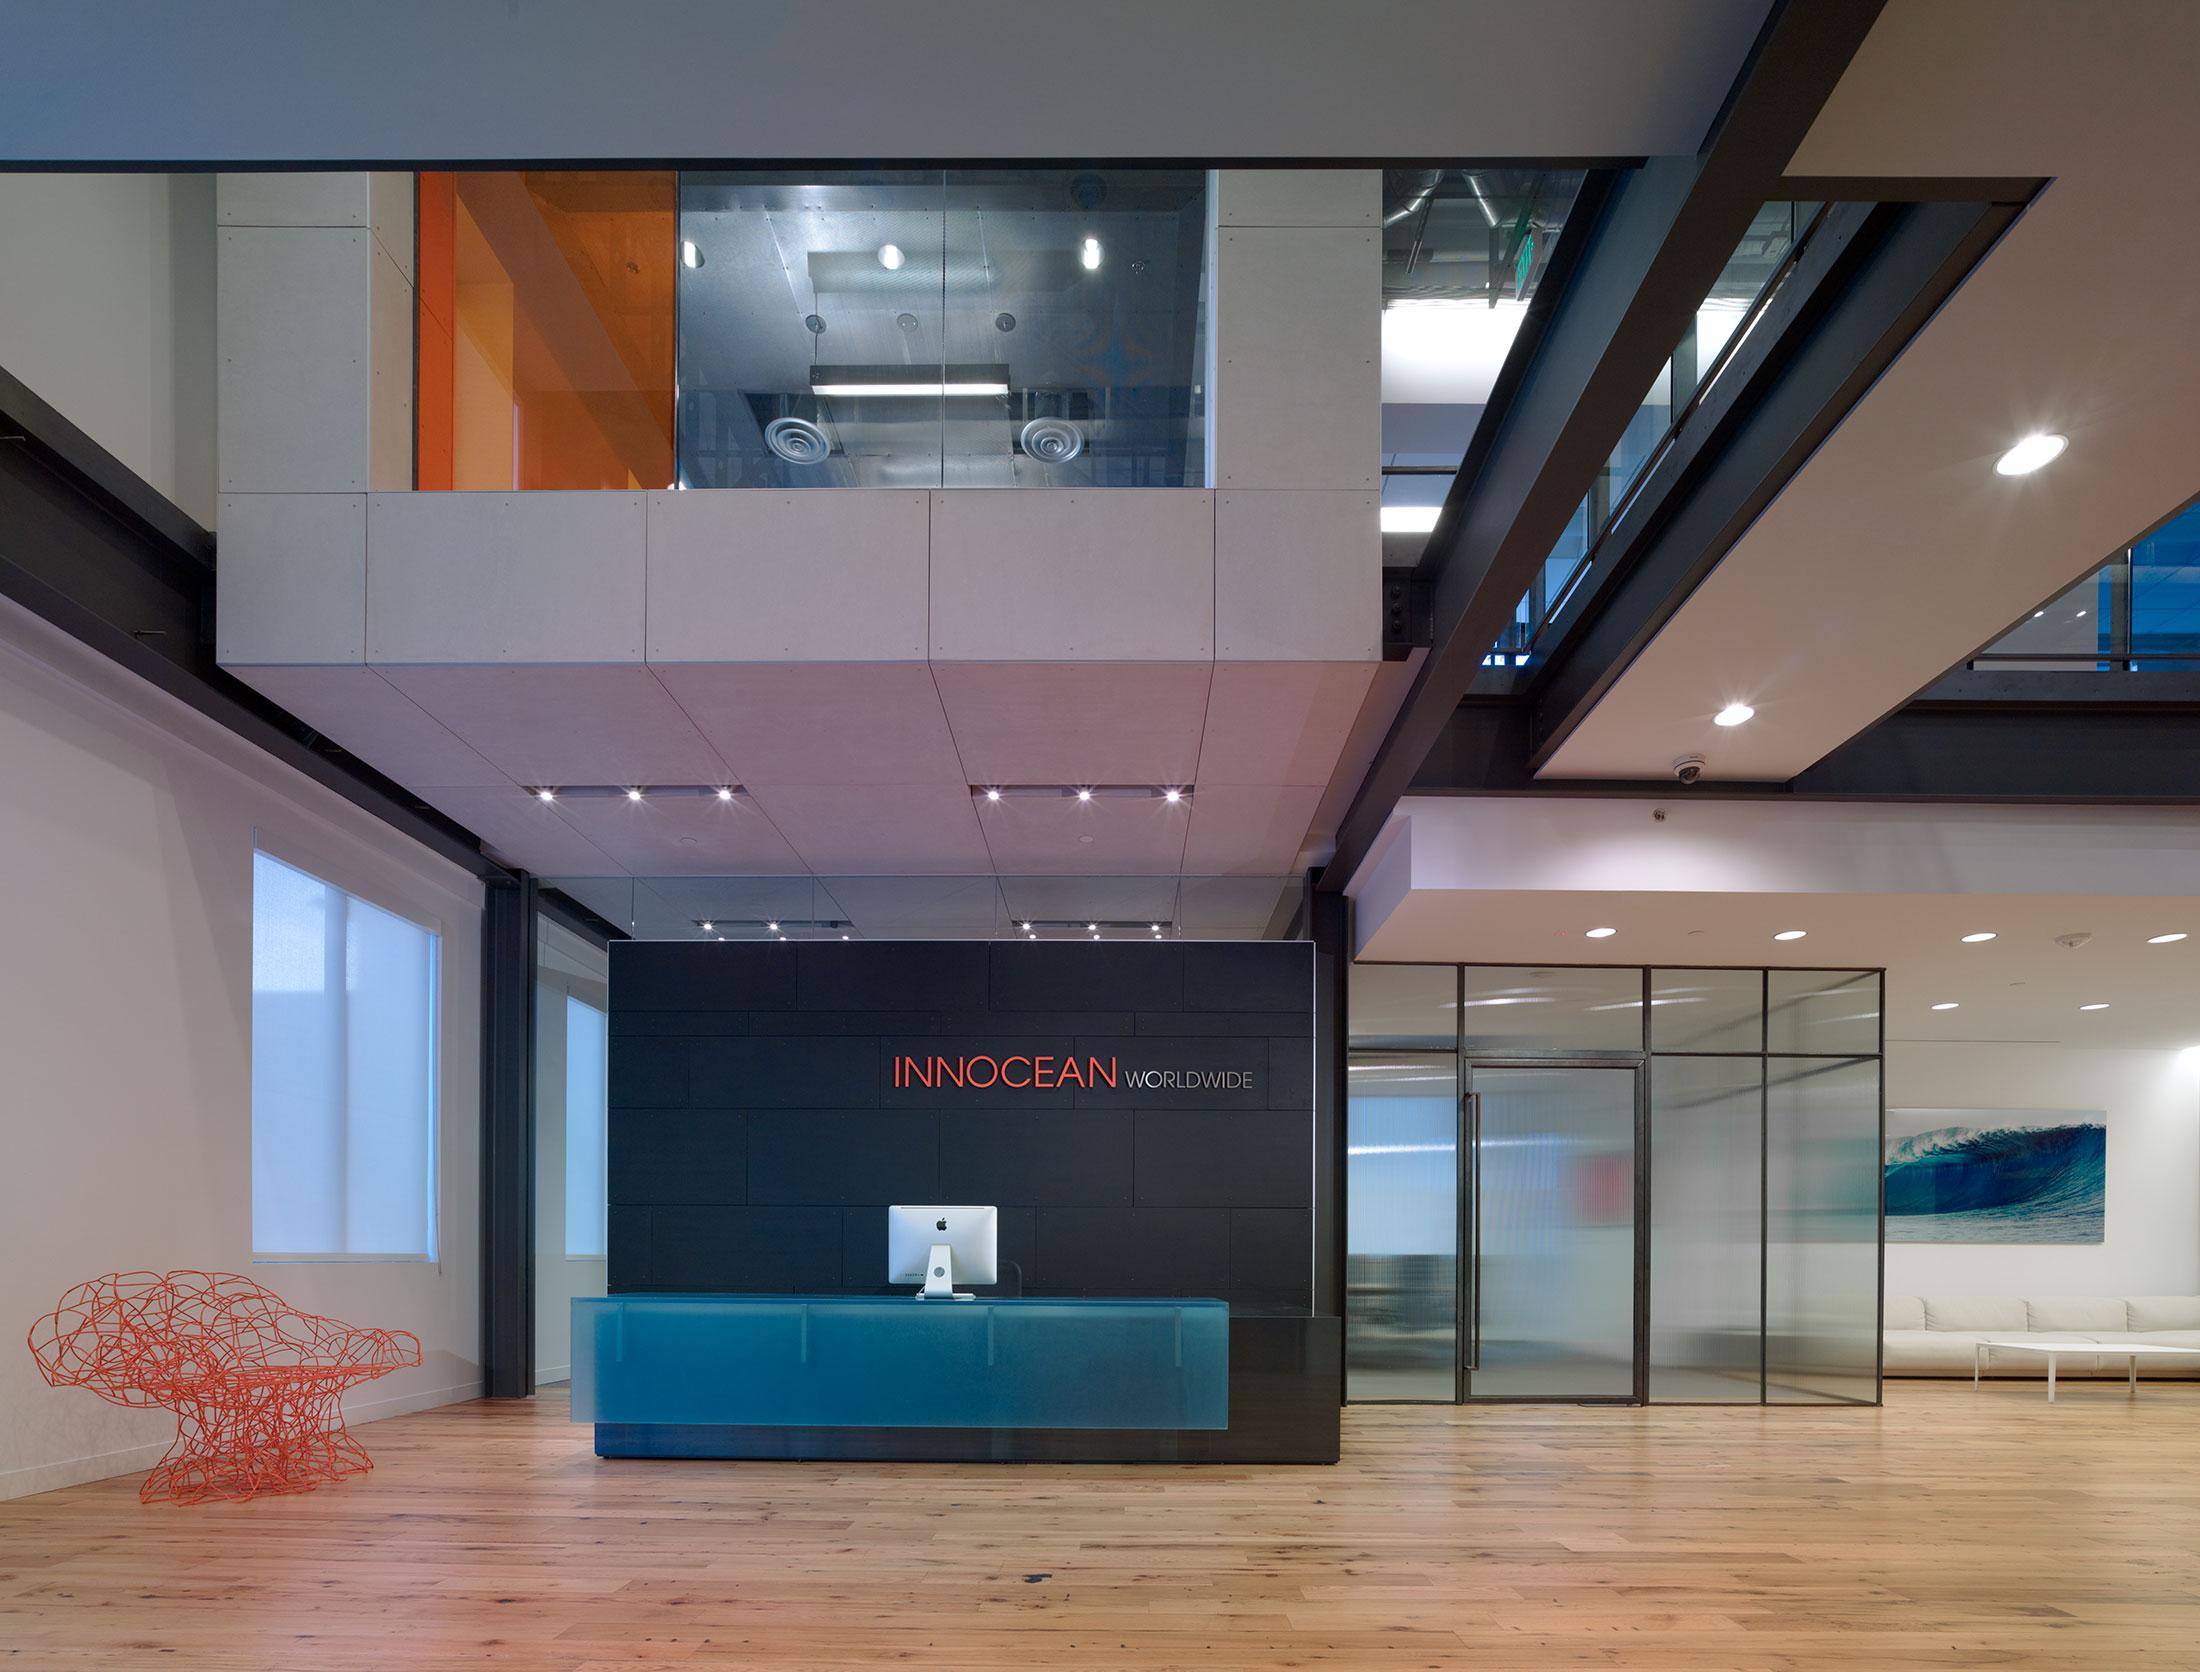 Innocean shubin donaldson for Commercial furniture interiors